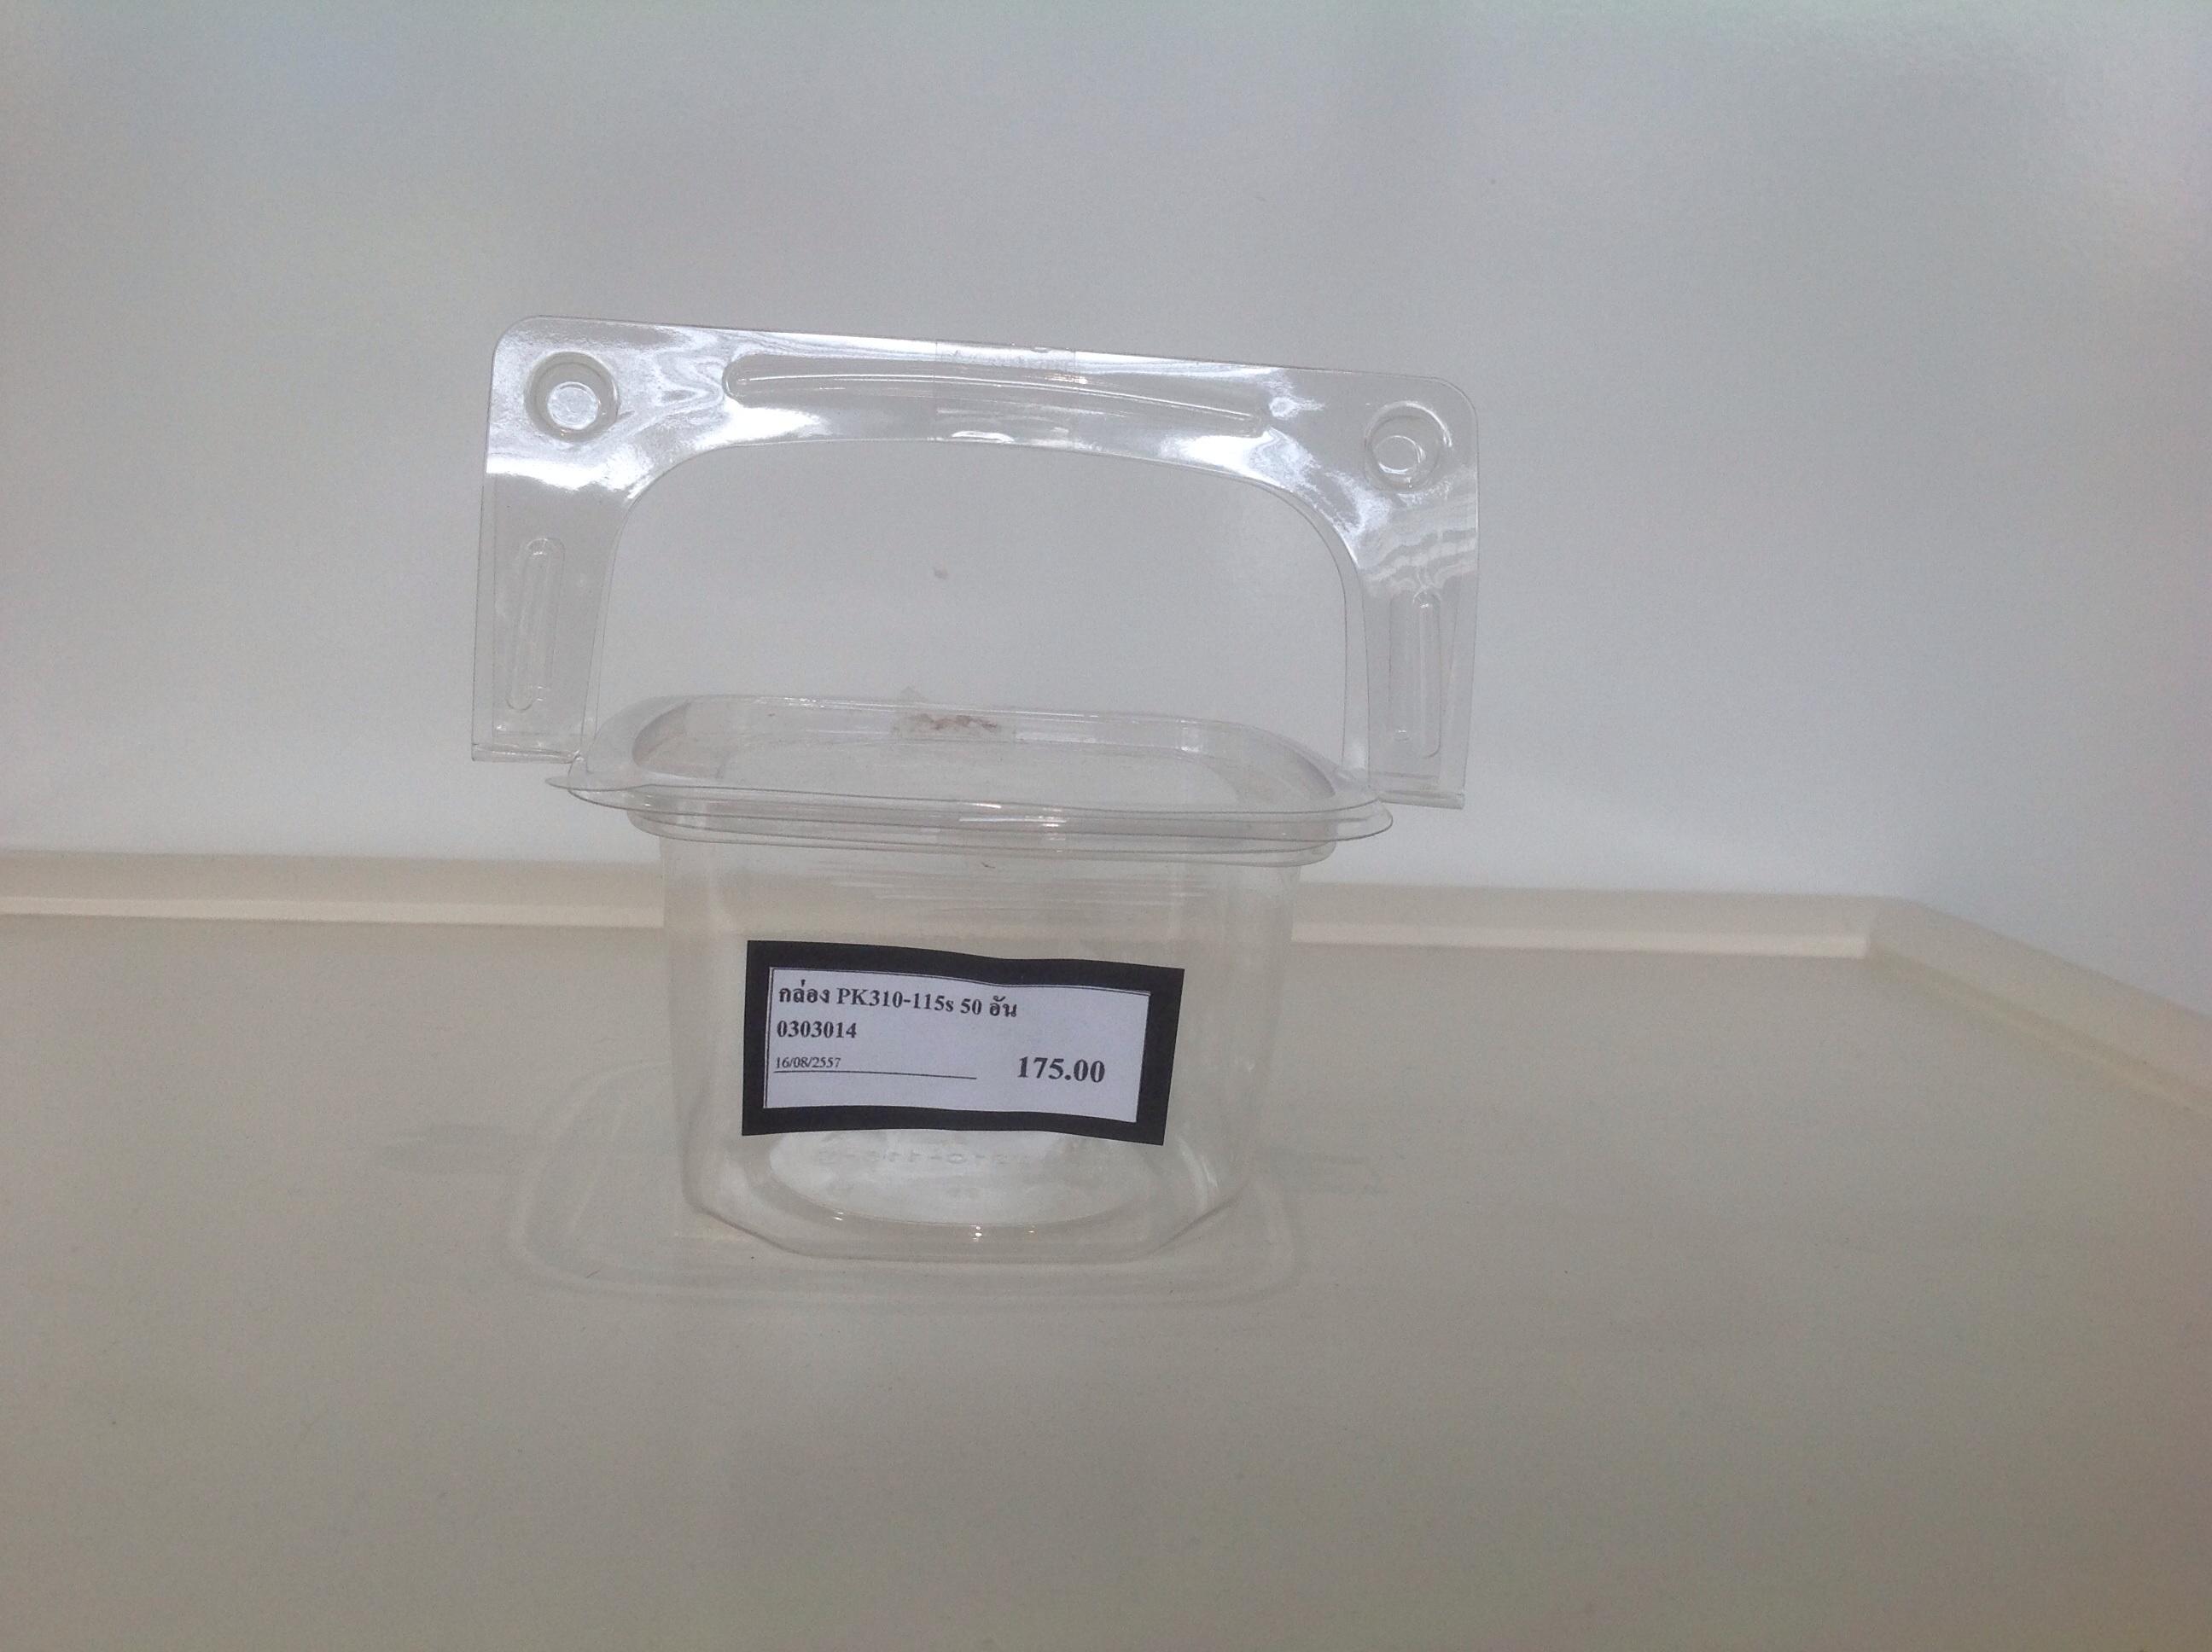 กล่อง PK310-115 (1*50)